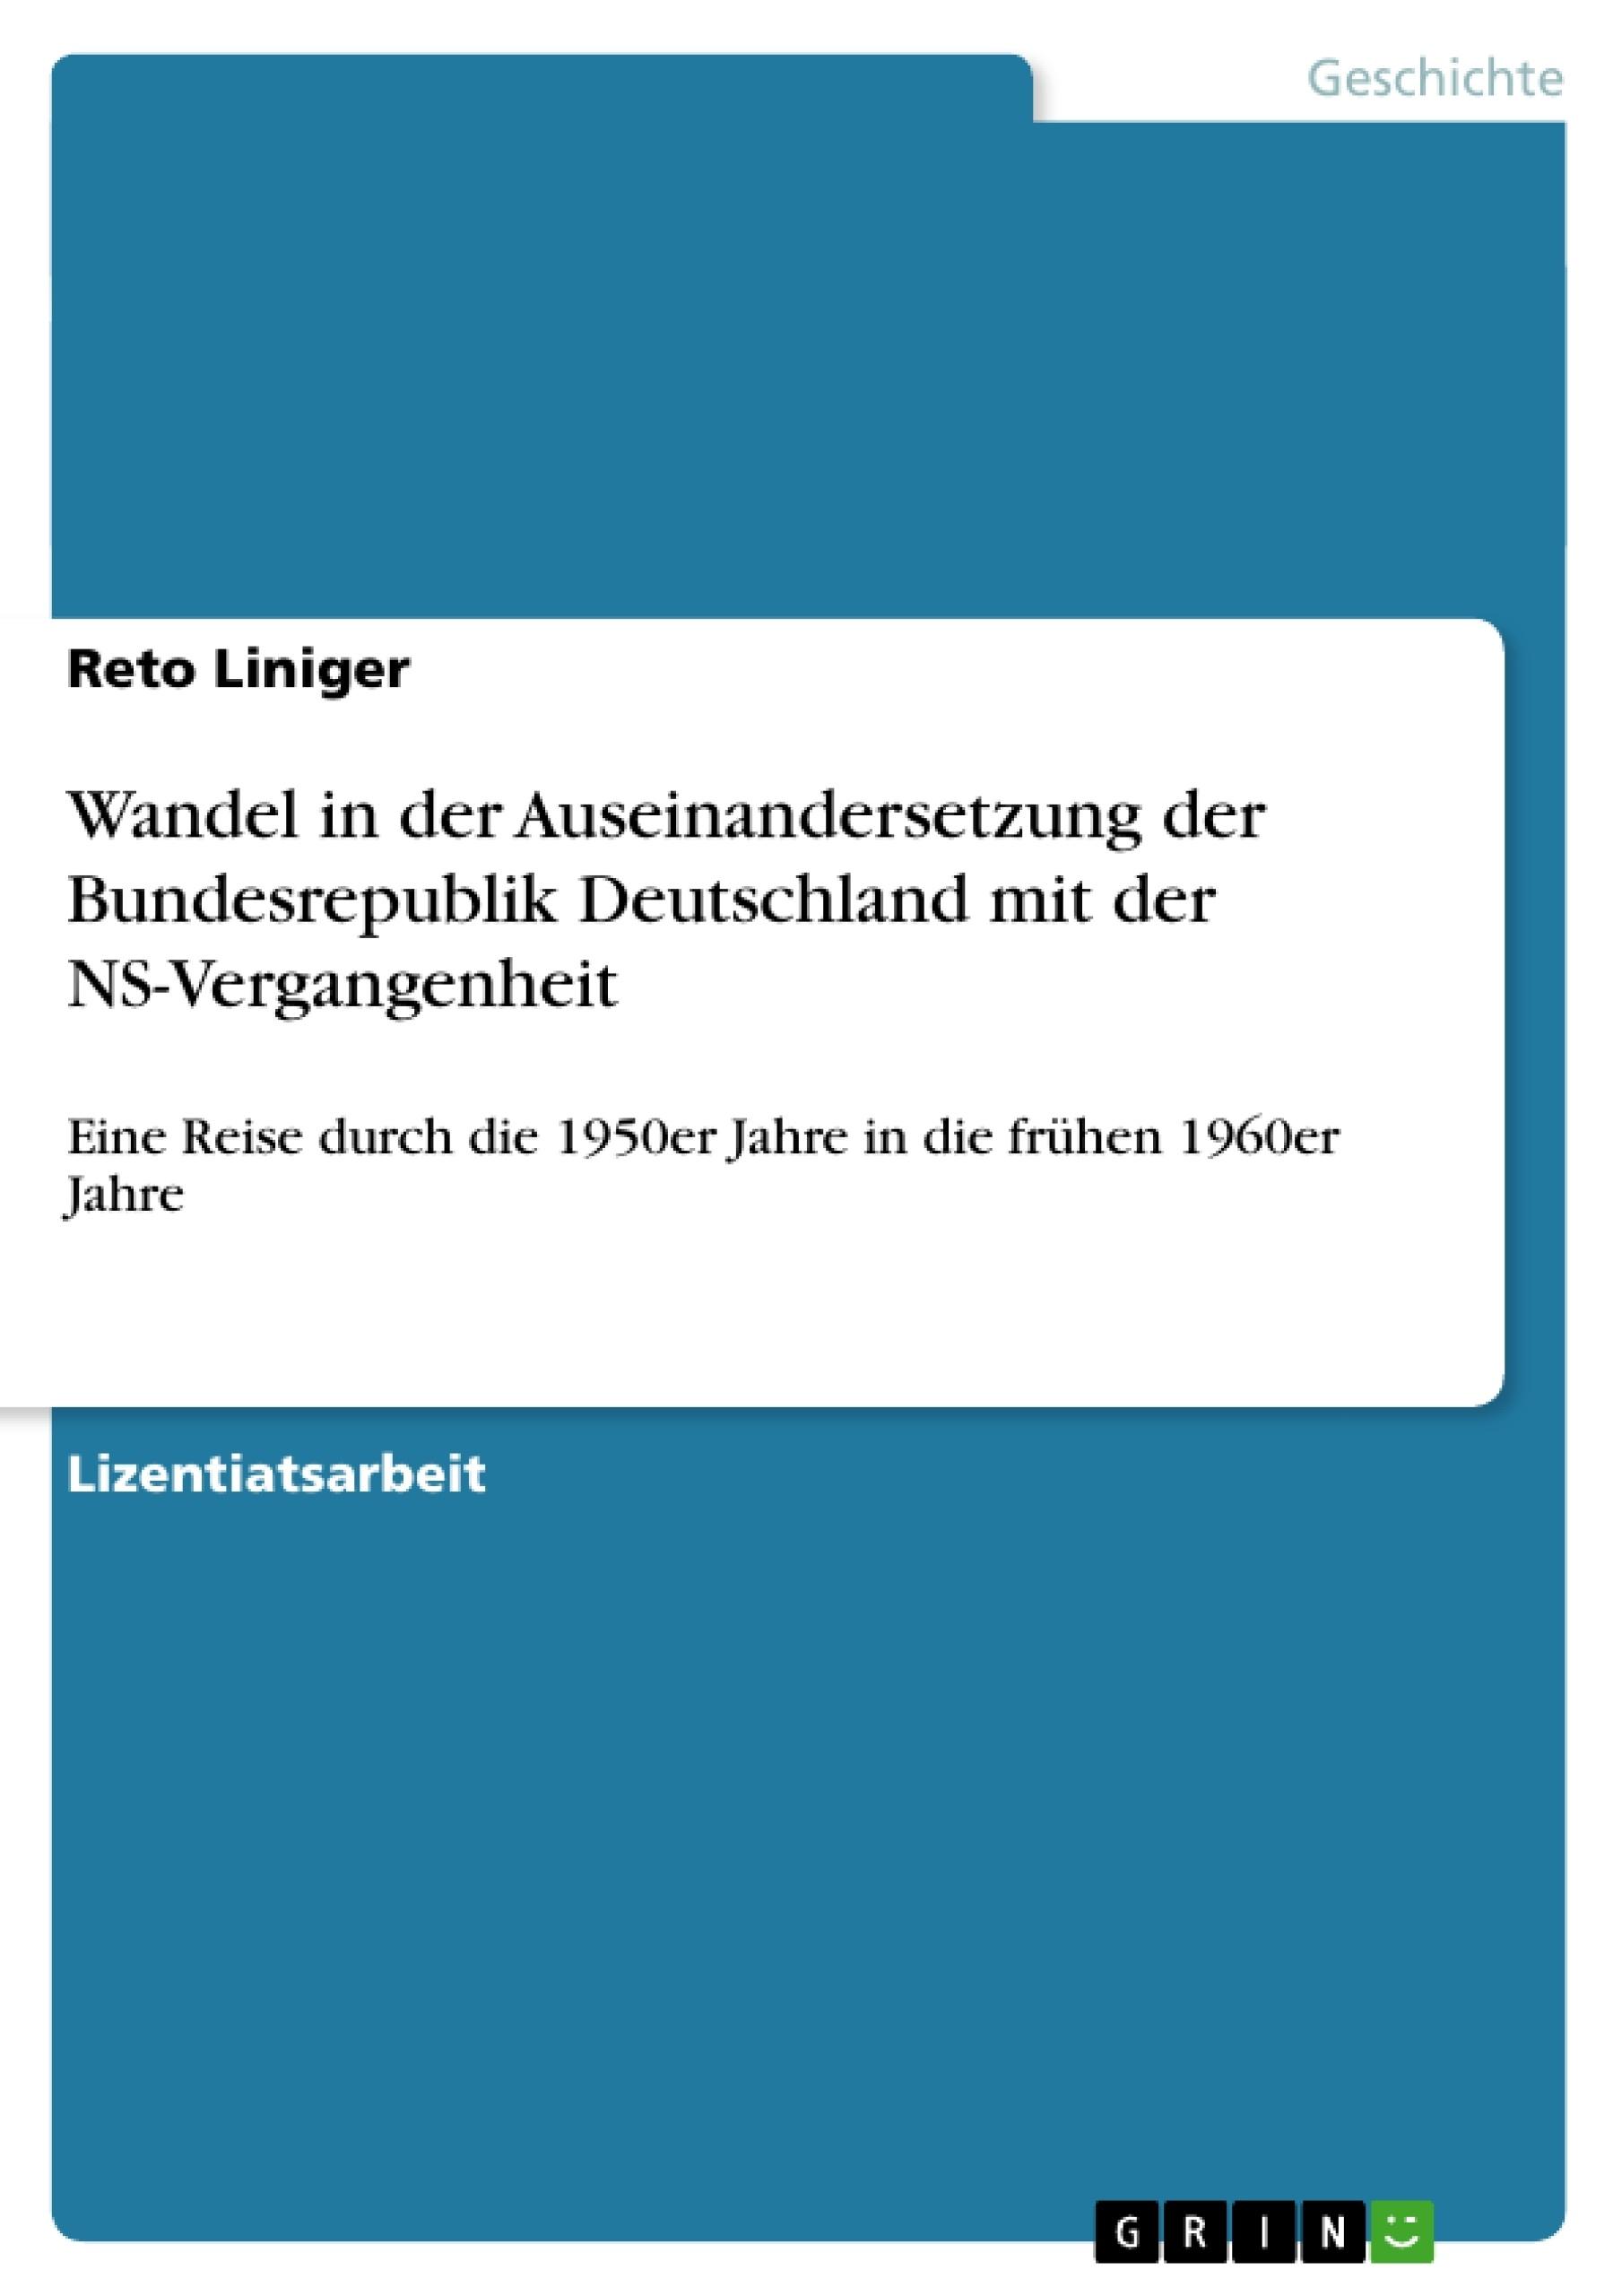 Titel: Wandel in der Auseinandersetzung der Bundesrepublik Deutschland mit der NS-Vergangenheit